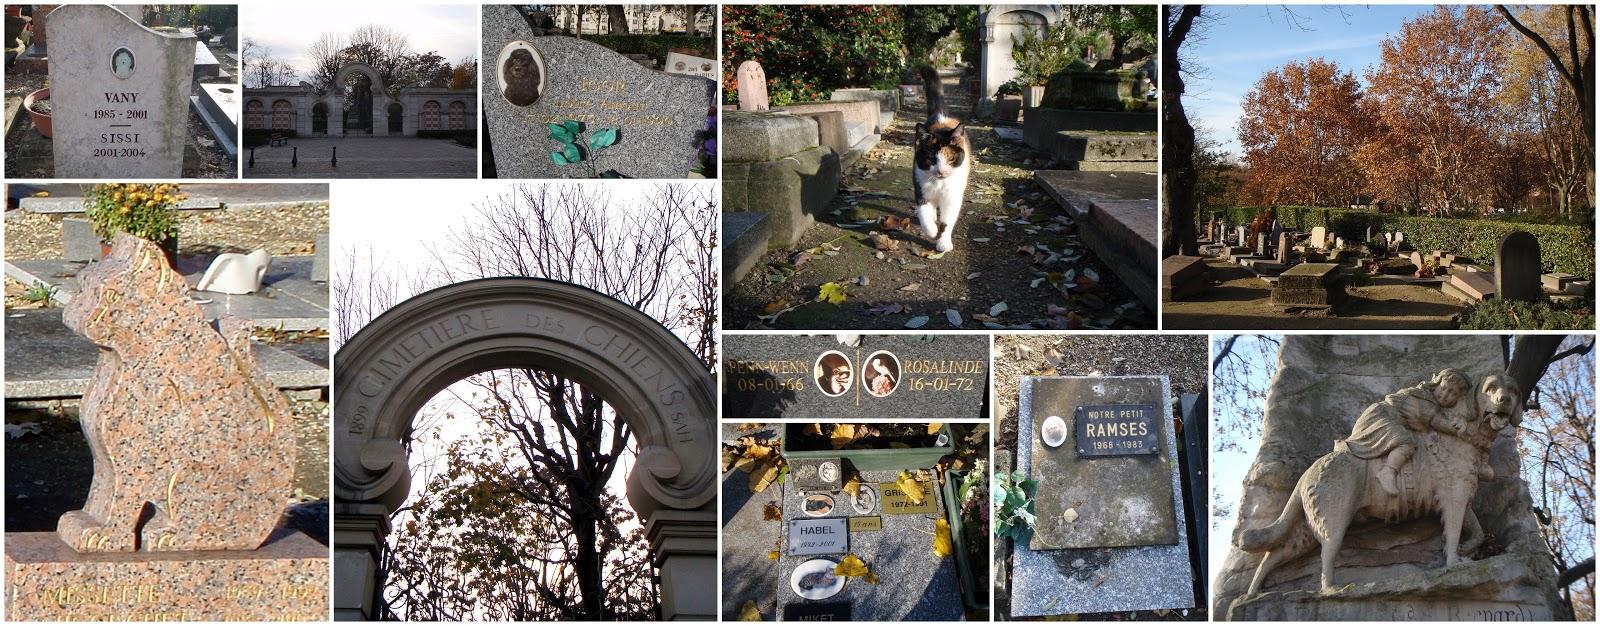 Cmentarz dla zwierząt we francuskim Asnières